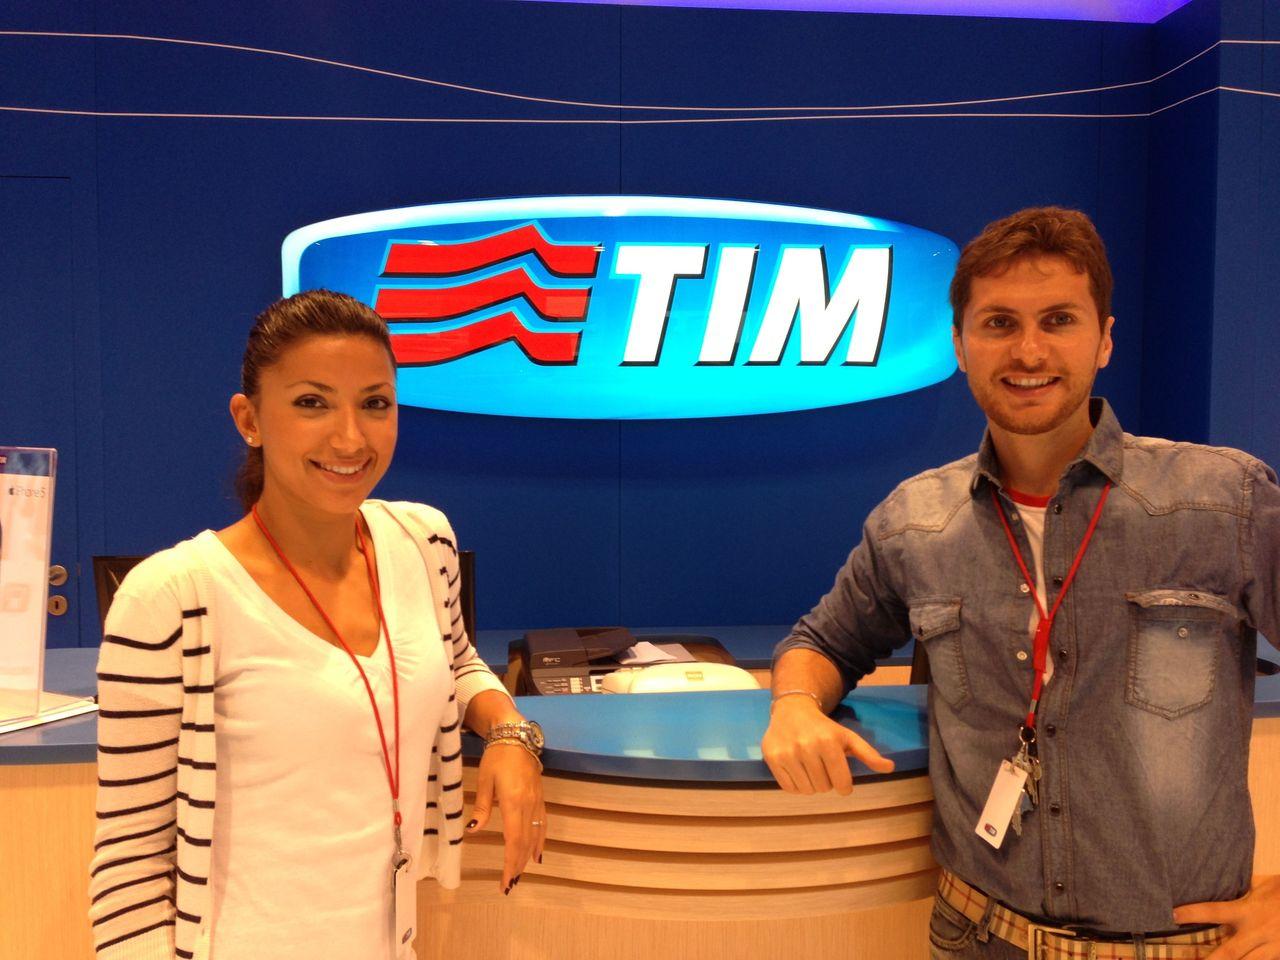 Centro Tim Anzelmo